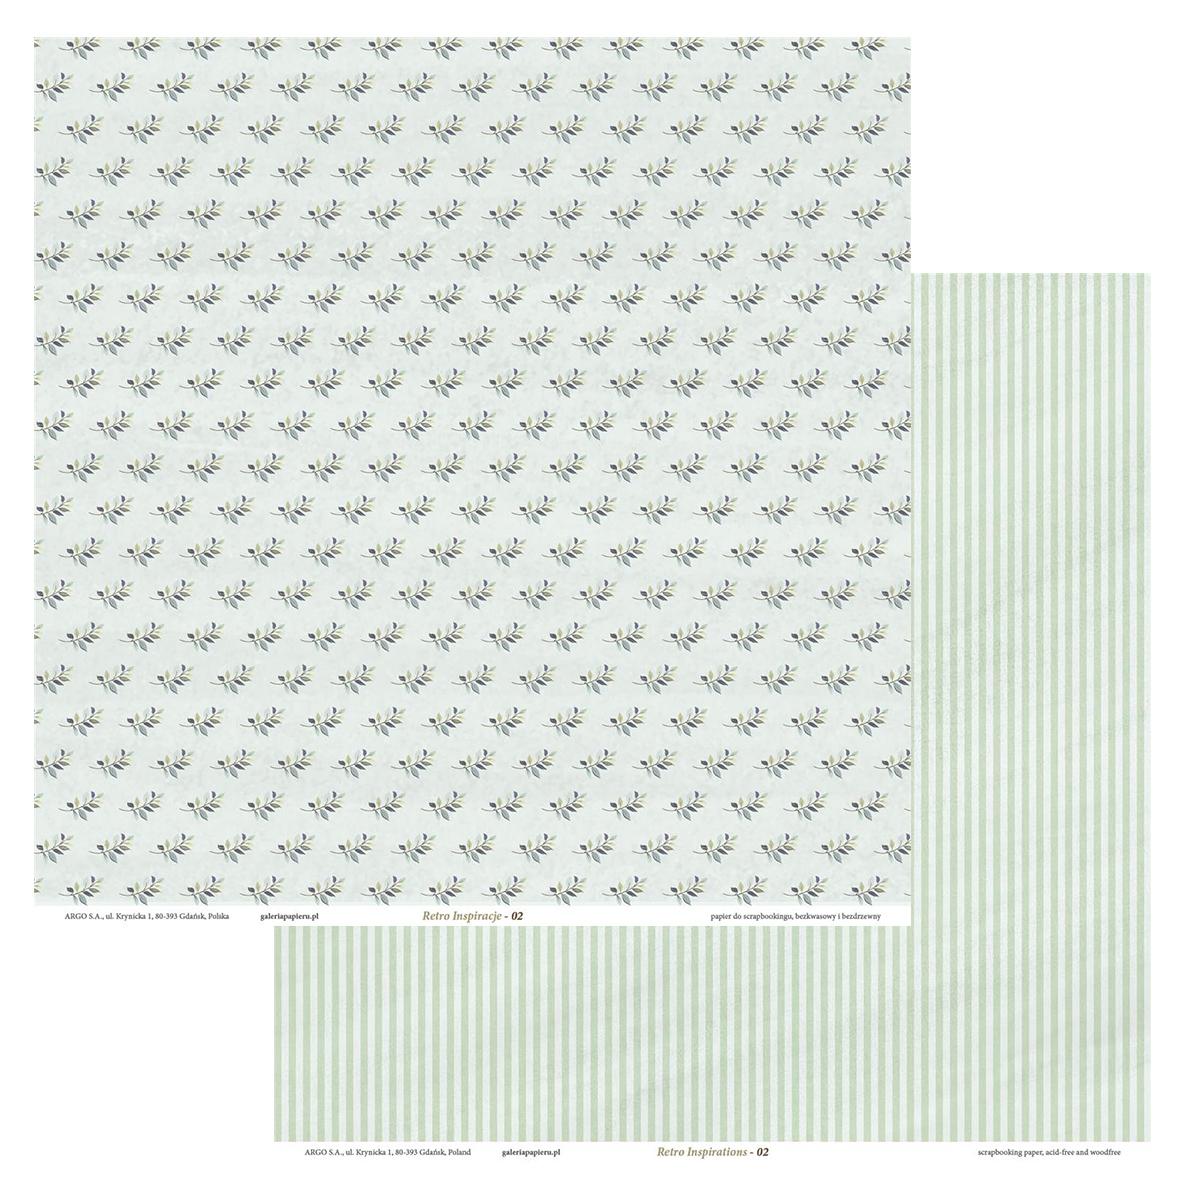 Galeria Papieru scrapbooking papír Retro Inspirace-02 200g, 5ks